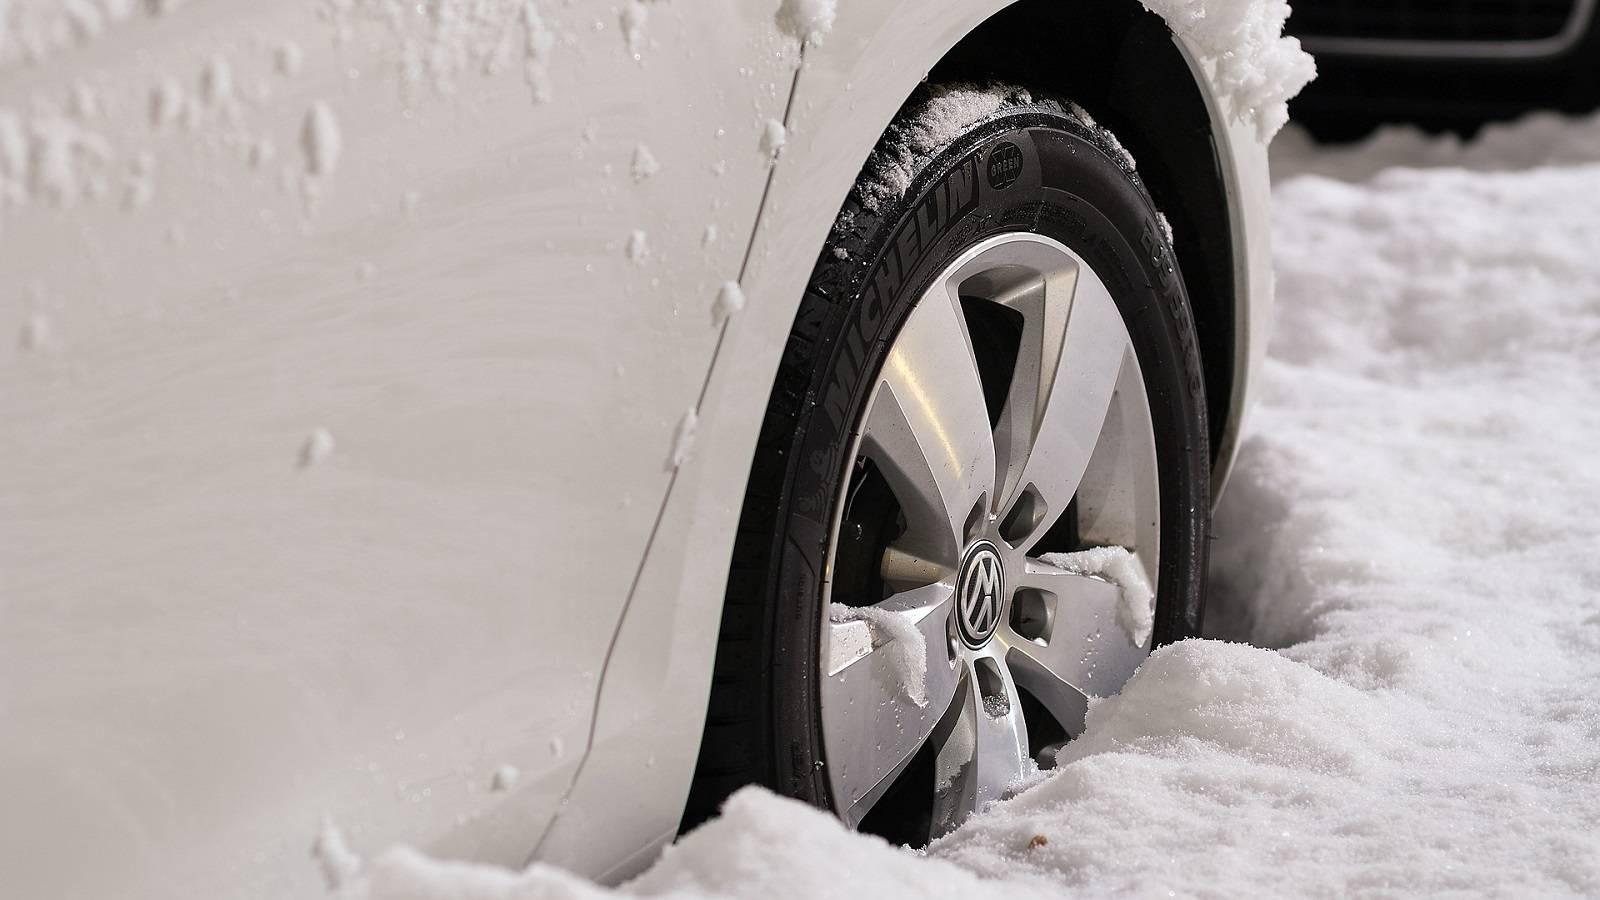 Kış lastikleri soğuk havada neden daha iyi yol tutar?